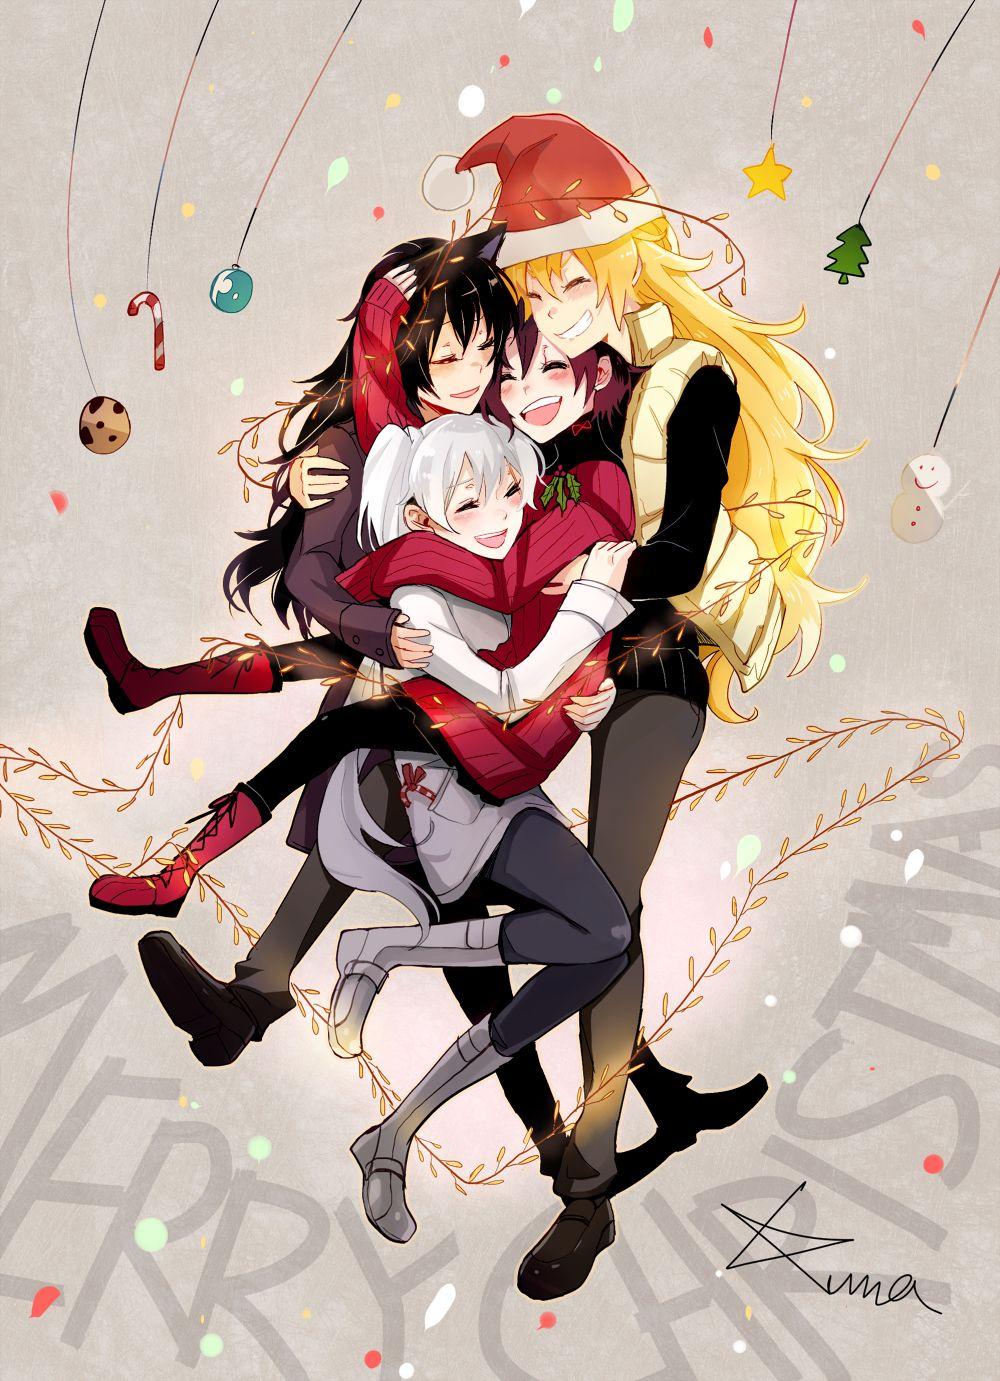 Rwby Christmas.Rwby Christmas Rwby Rwby Rwby Anime Anime